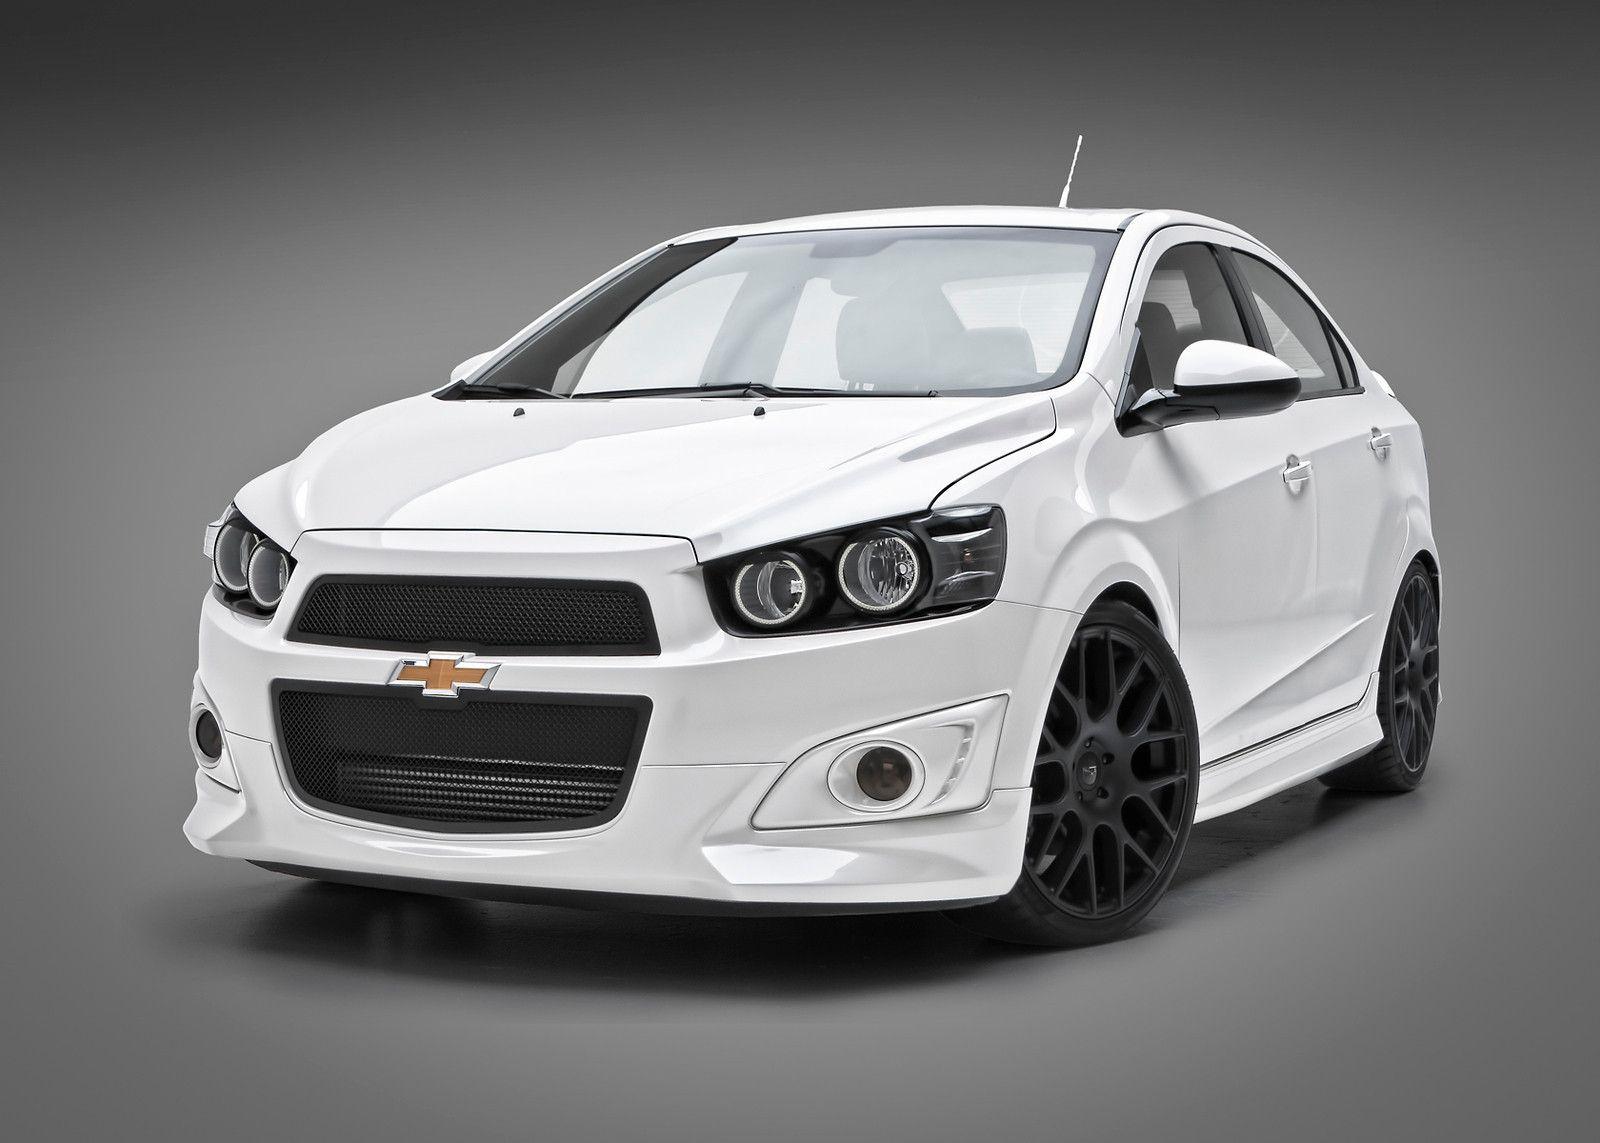 Chevrolet Sonic 4 Dr Sedan Urethane 3dcarbon 5 Piece Full Body Kit Raised Wing 12 13 Http Www